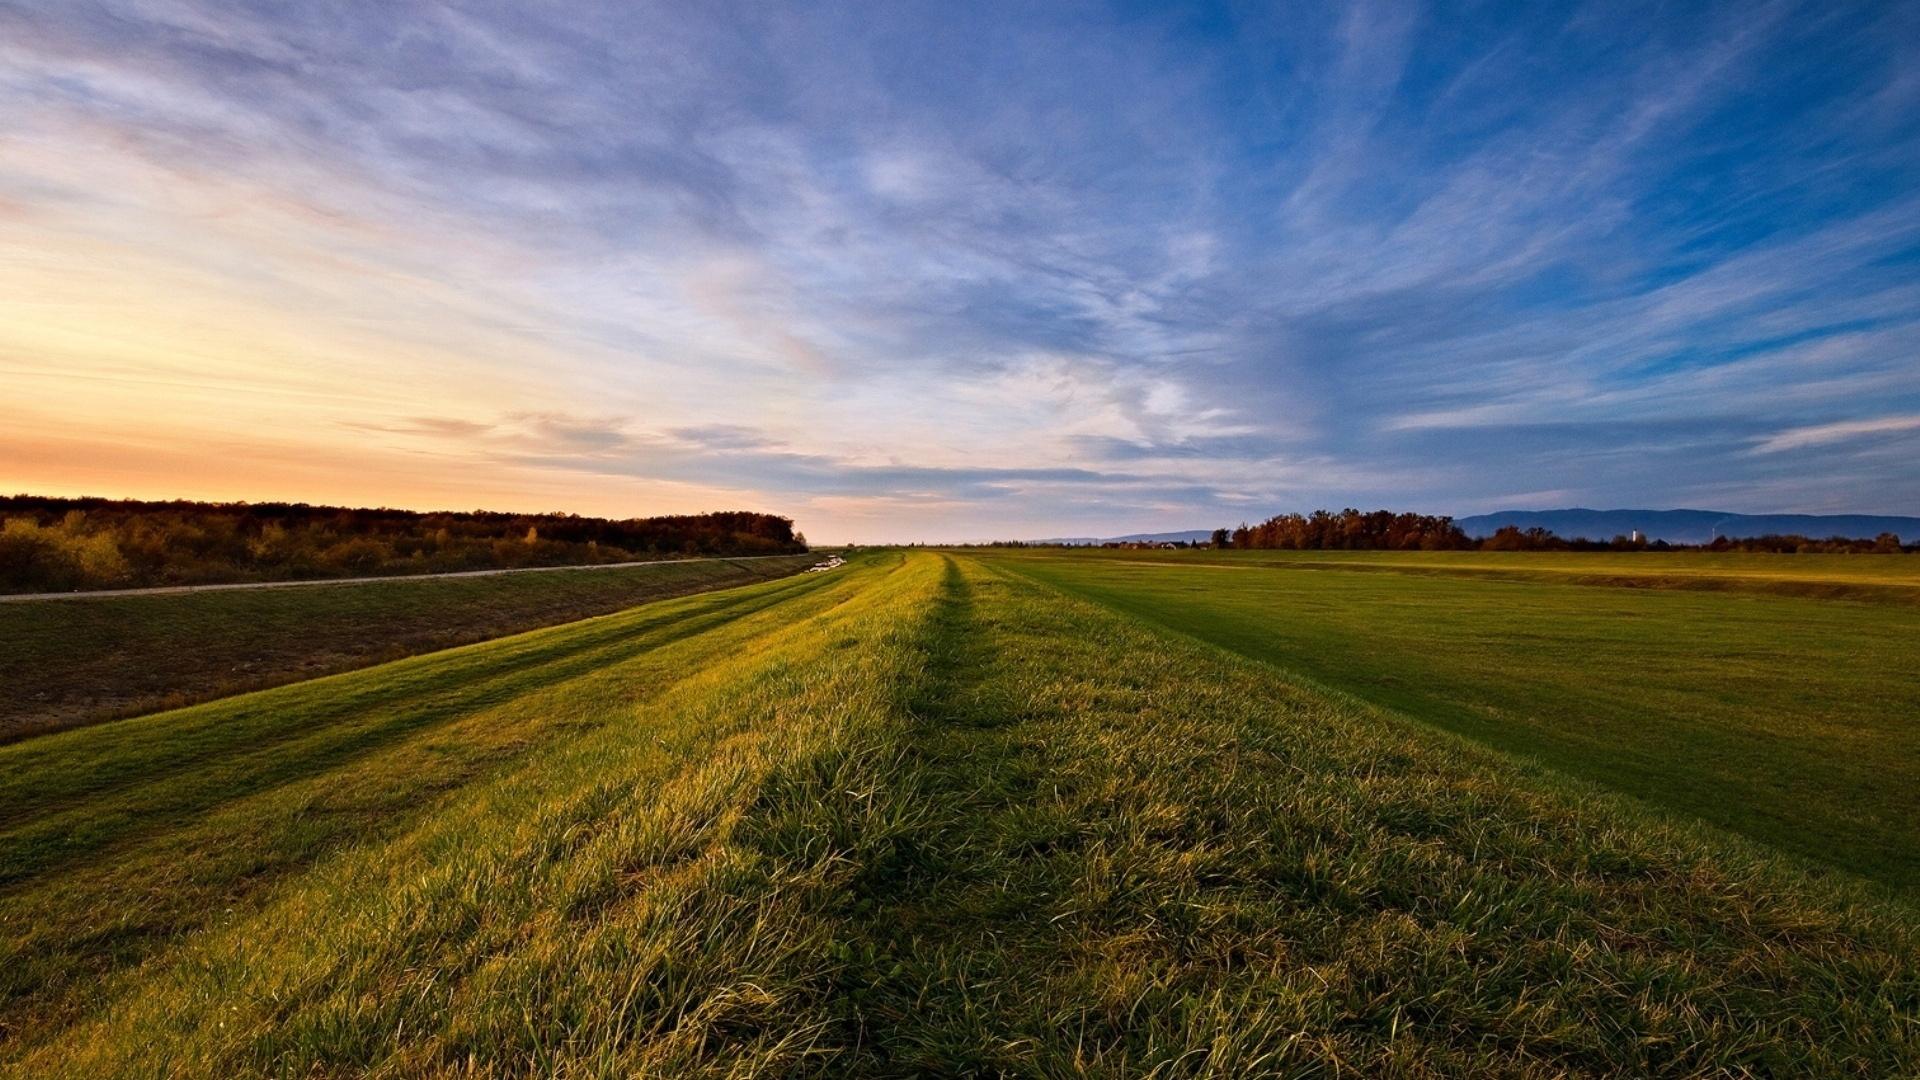 Download wallpaper 1920x1080 road roadside grass field - Open field wallpaper ...